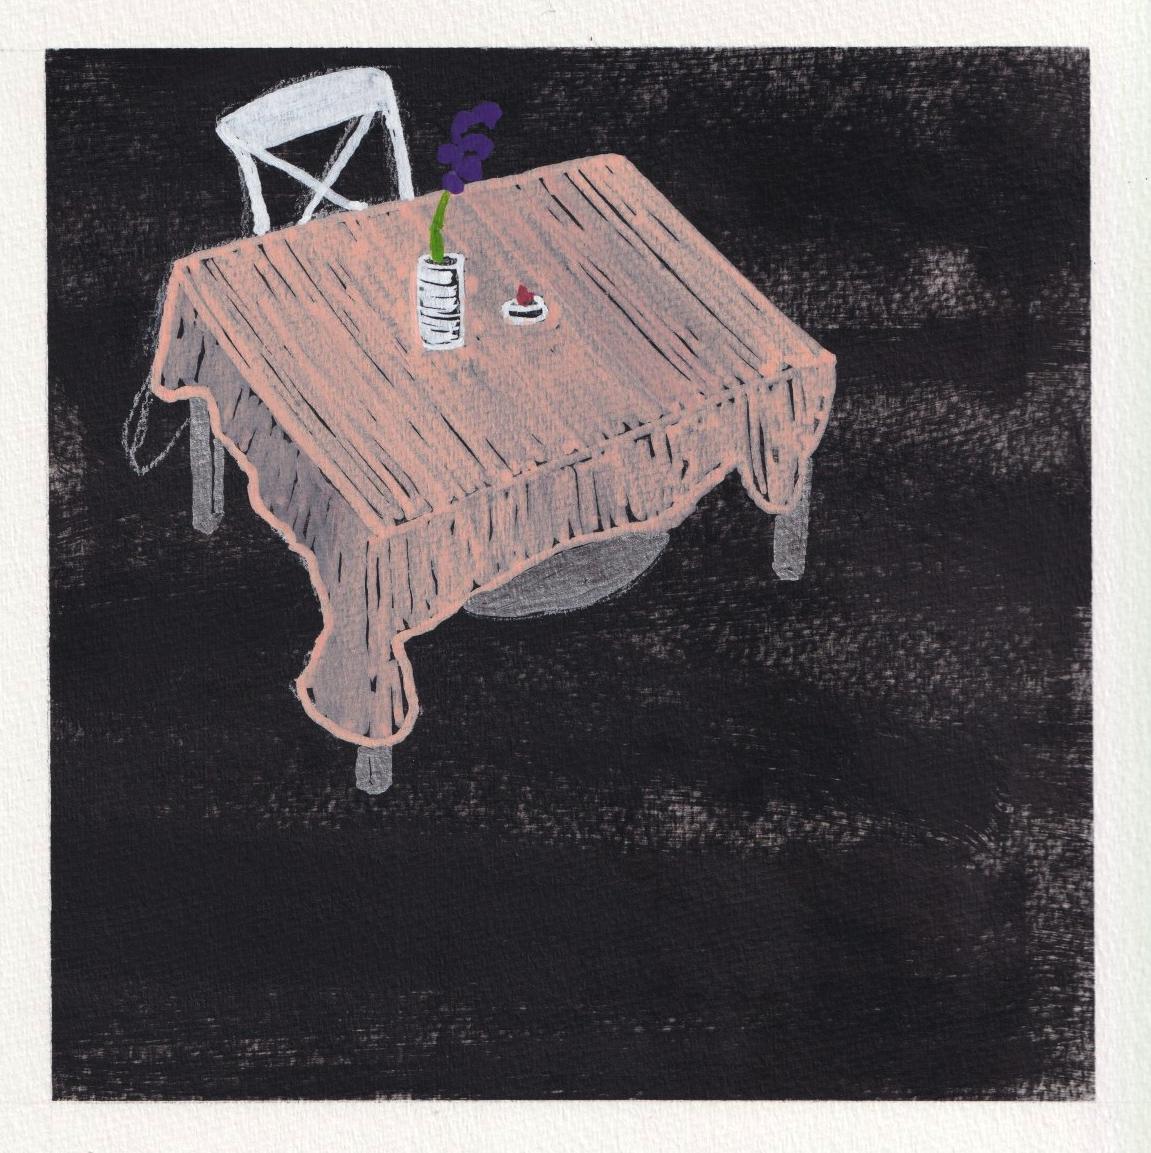 Imagen de portada: una ilustración de una mesa pequeña con una silla blanca. Un lino de color lechoso cubre sobre la mesa con una orquídea púrpura en un jarrón de vidrio por encima. La ilustración está colocada sobre un fondo negro texturizado. Ilustración de Damiane Nickles.